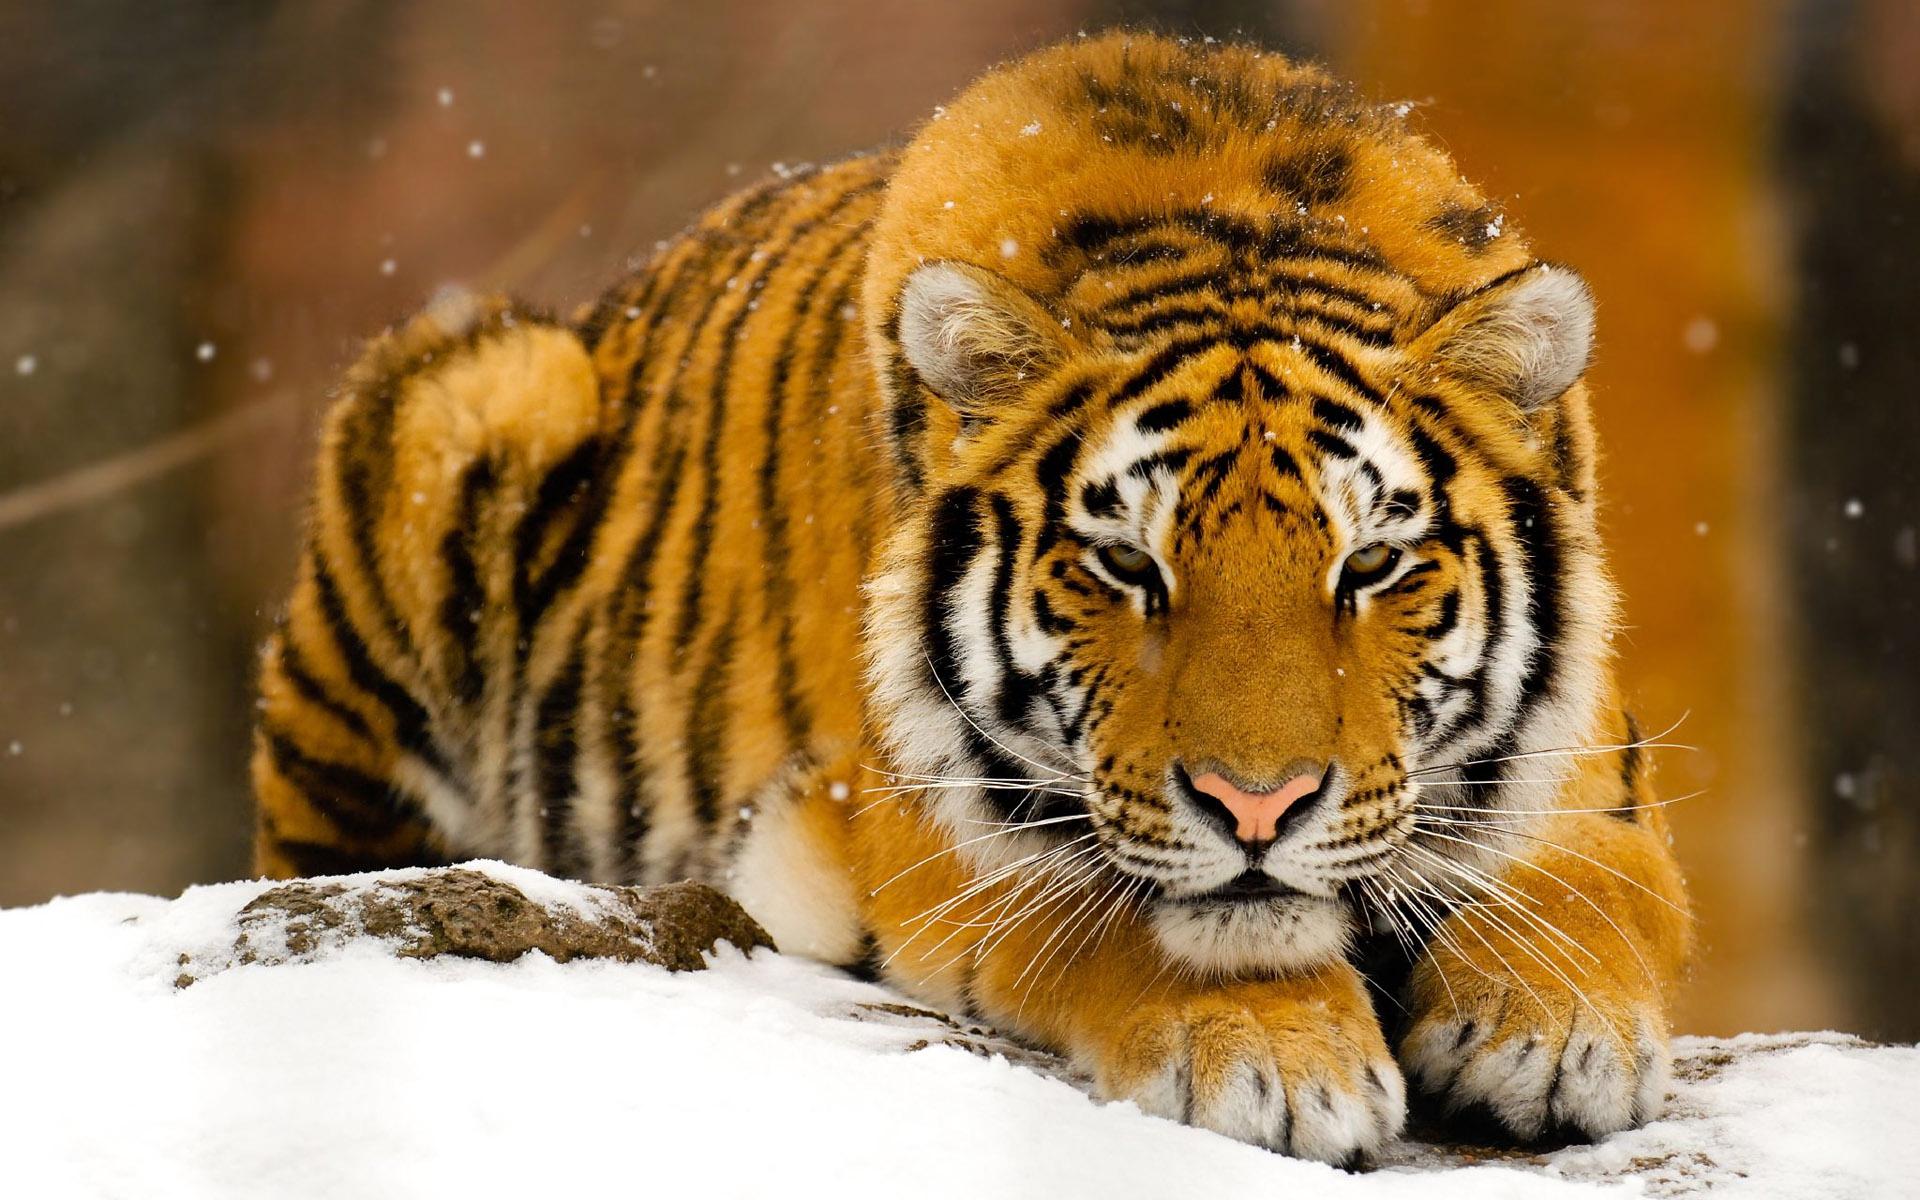 Un tigre en nieve - 1920x1200